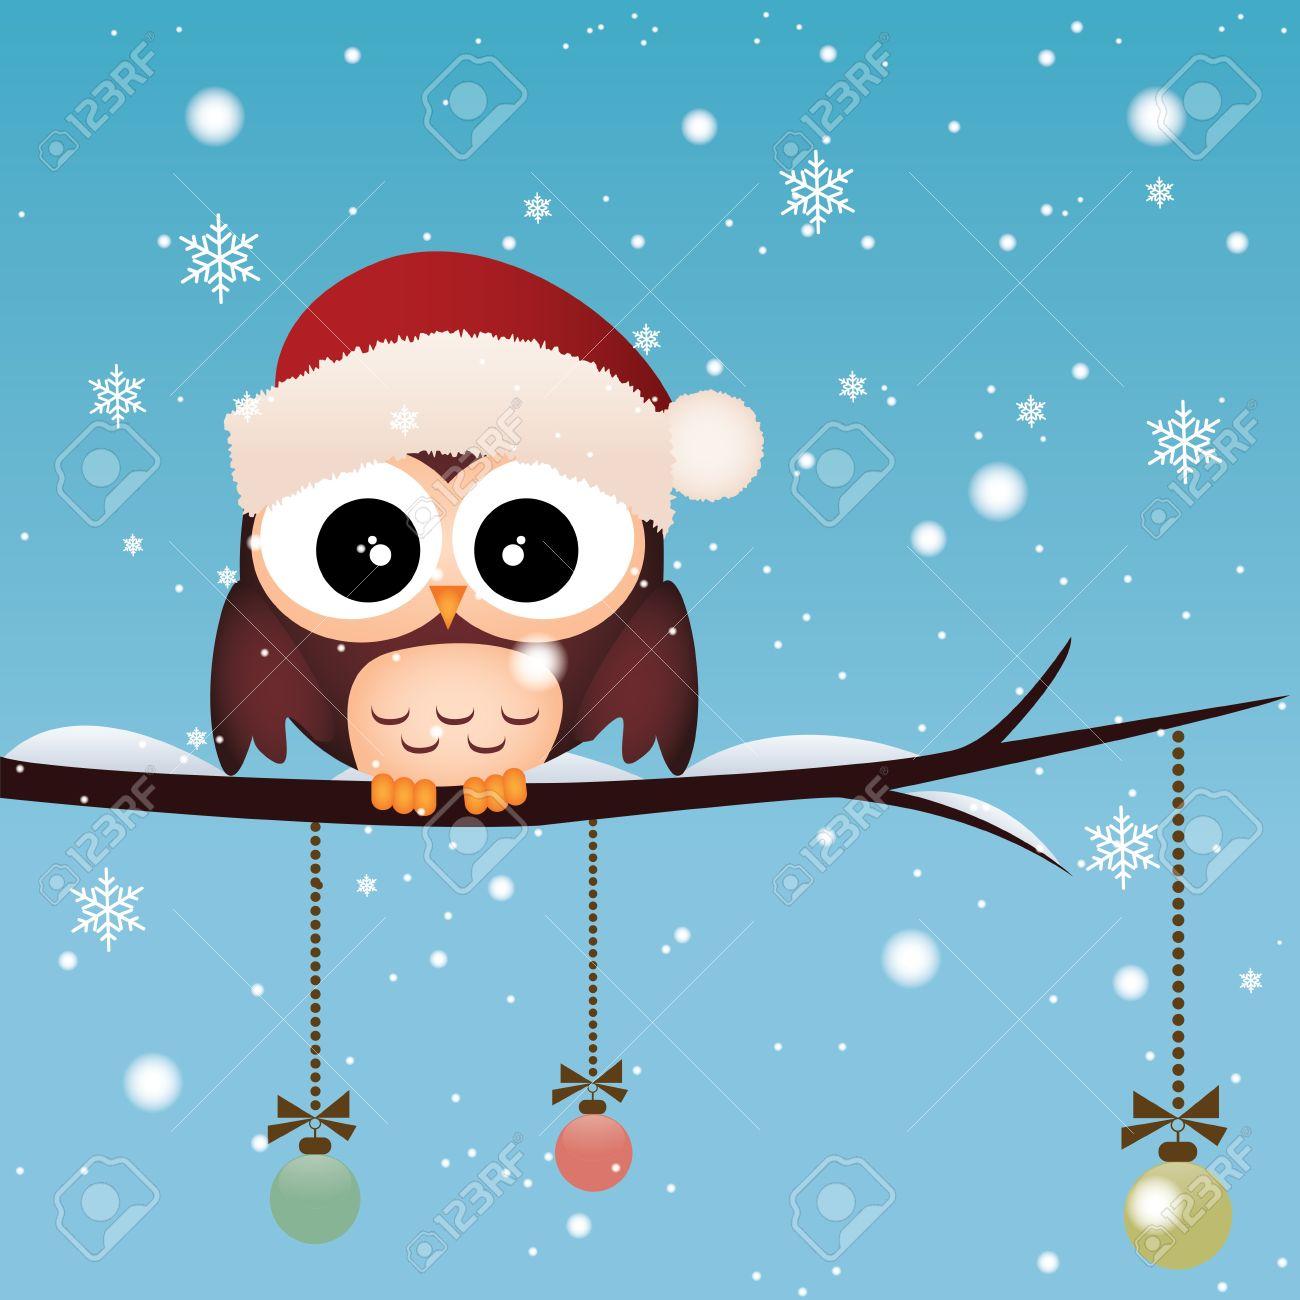 特別な冬の空の背景上のクリスマス キャップ付きかわいいフクロウ